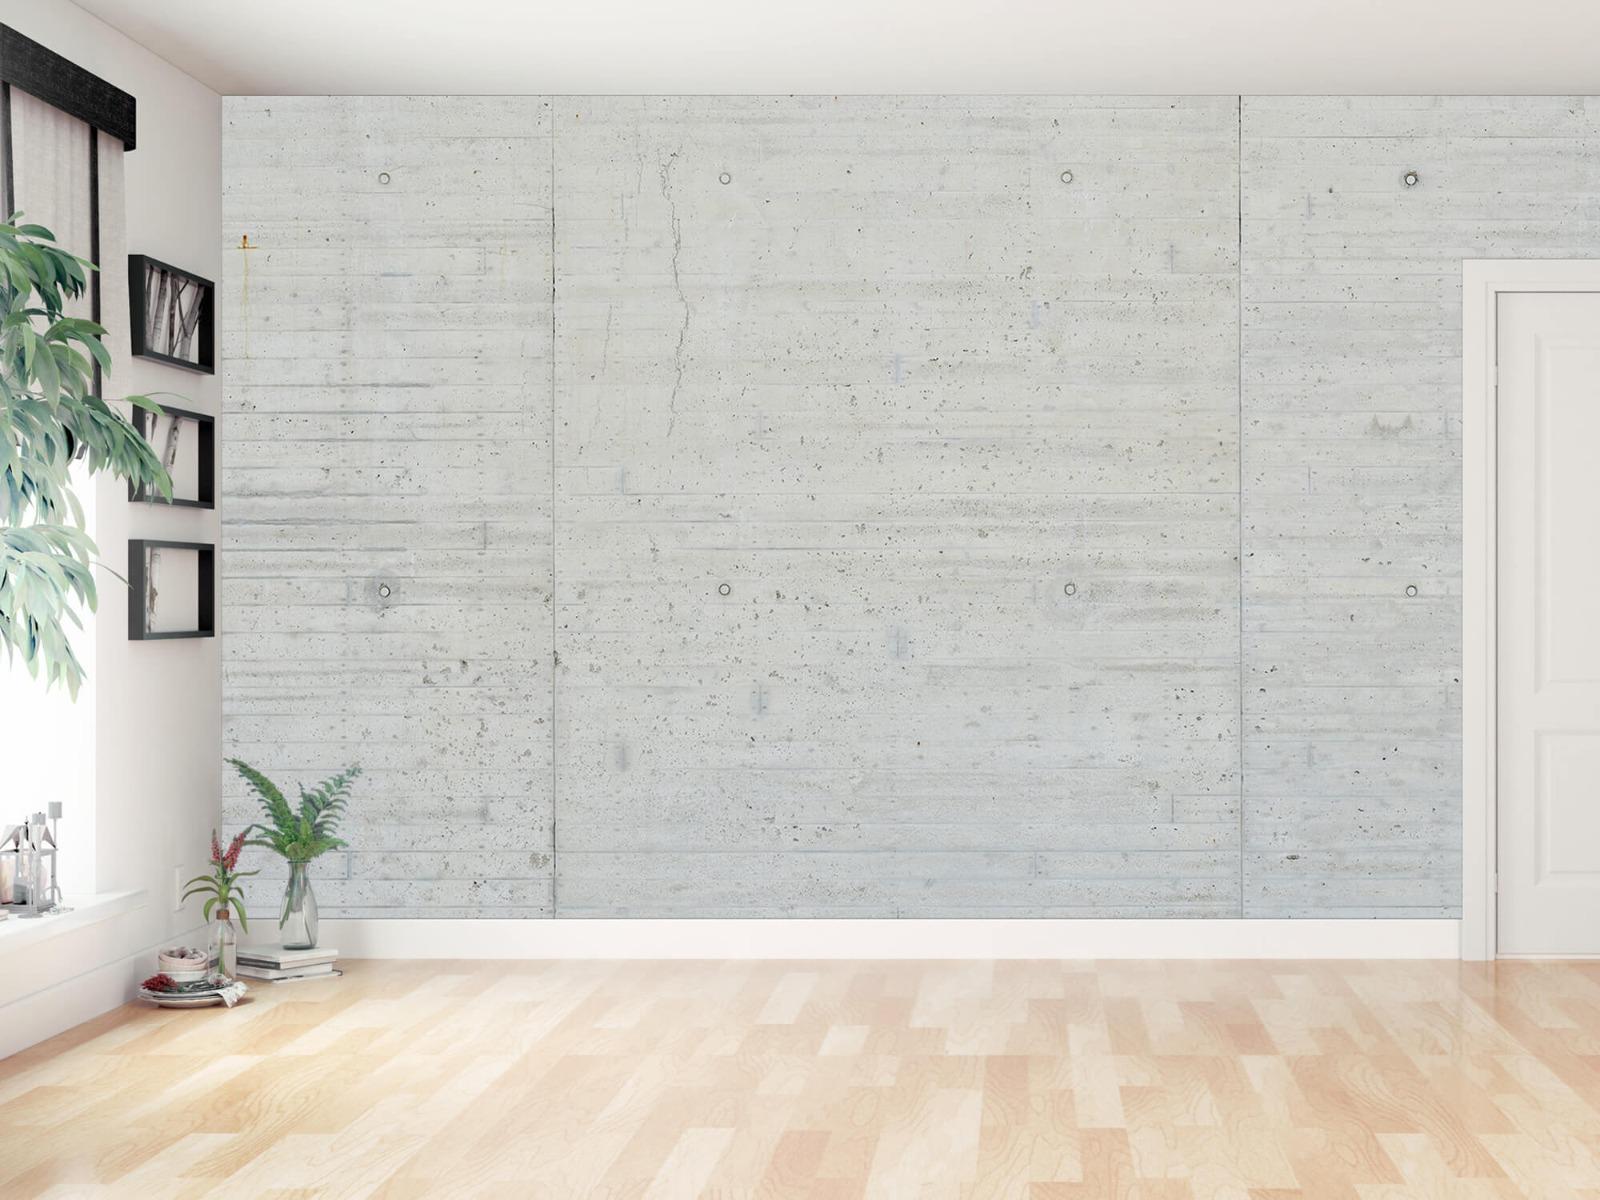 Betonlook behang - Beton stroken - Wallexclusive - Magazijn 11